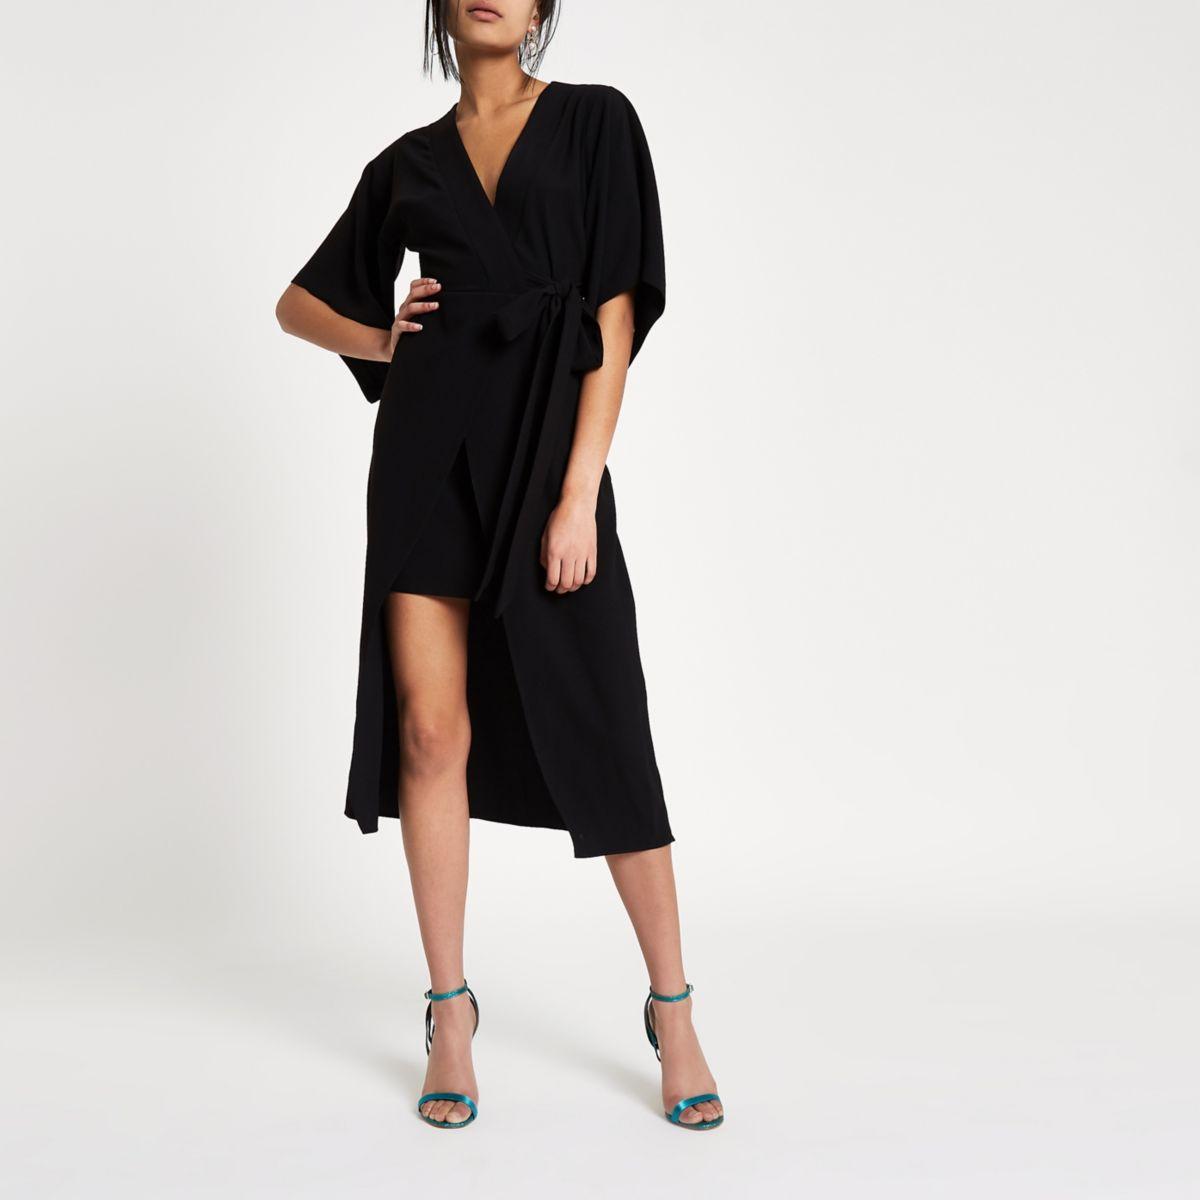 Robe portefeuille mi-longue noire à manches kimono